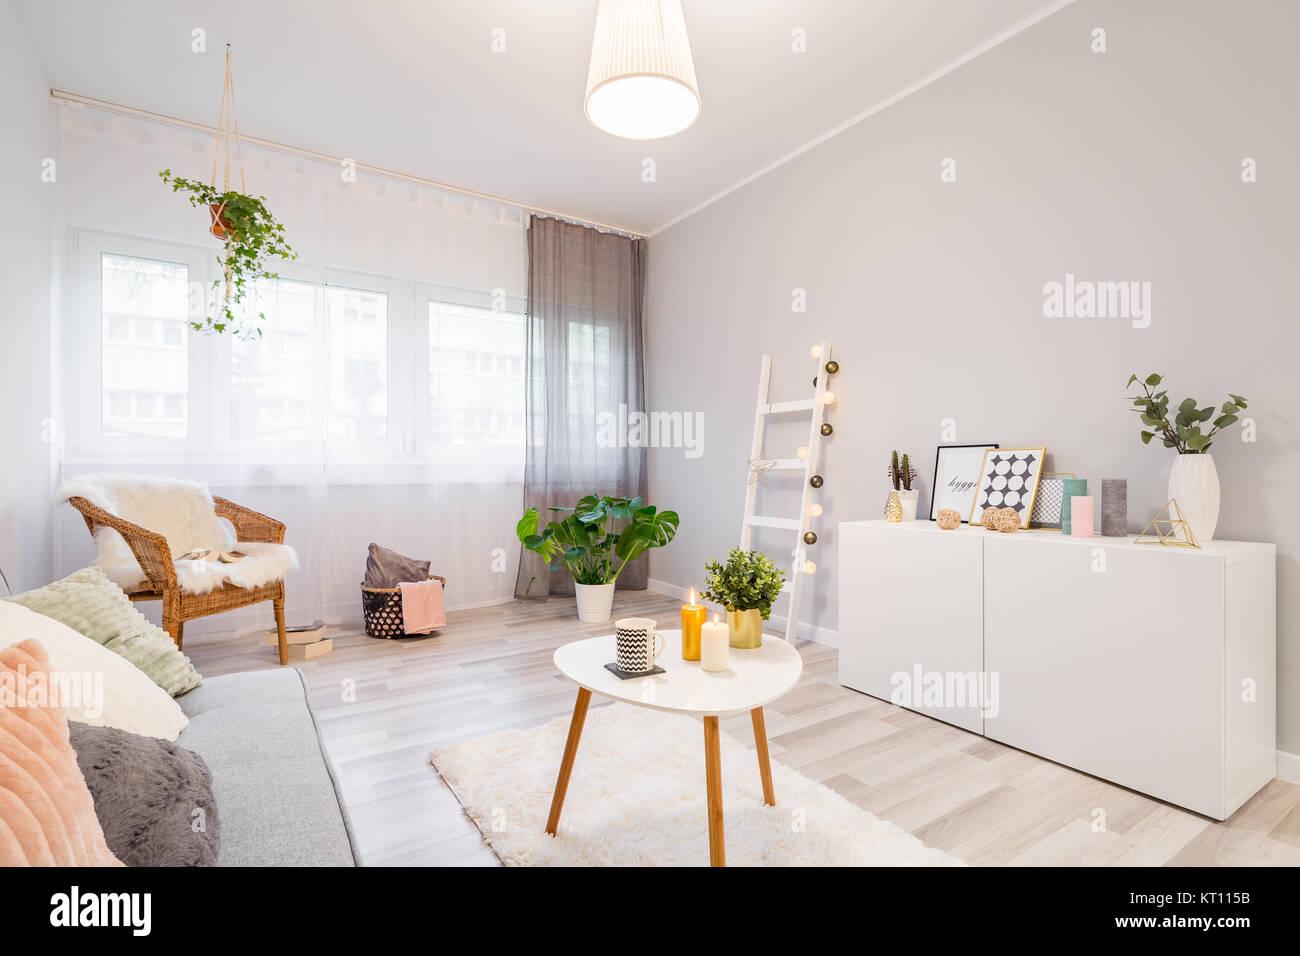 Kissen, Rahmen, Kerzen Und Pflanzen Verzieren Moderne Skandinavische  Wohnzimmer